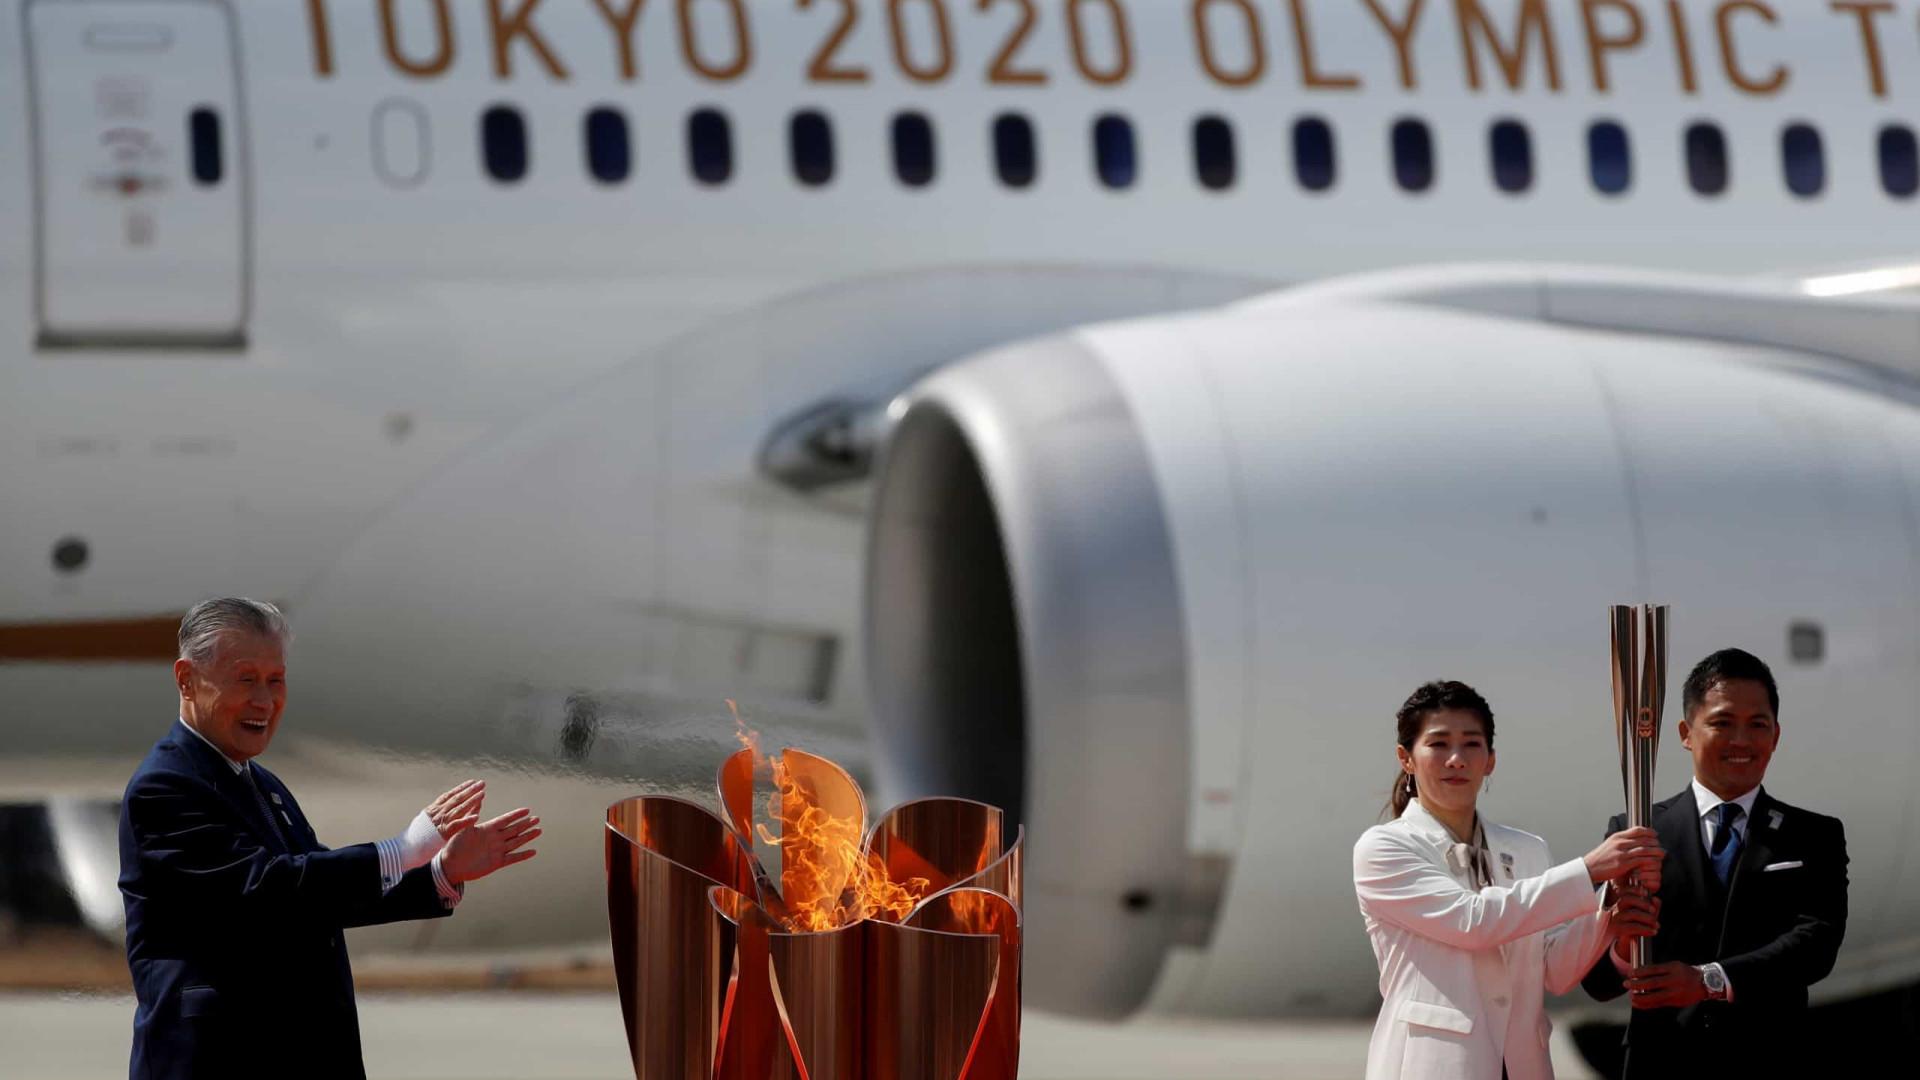 Simbolizando 'reconstrução' chama olímpica chega ao Japão